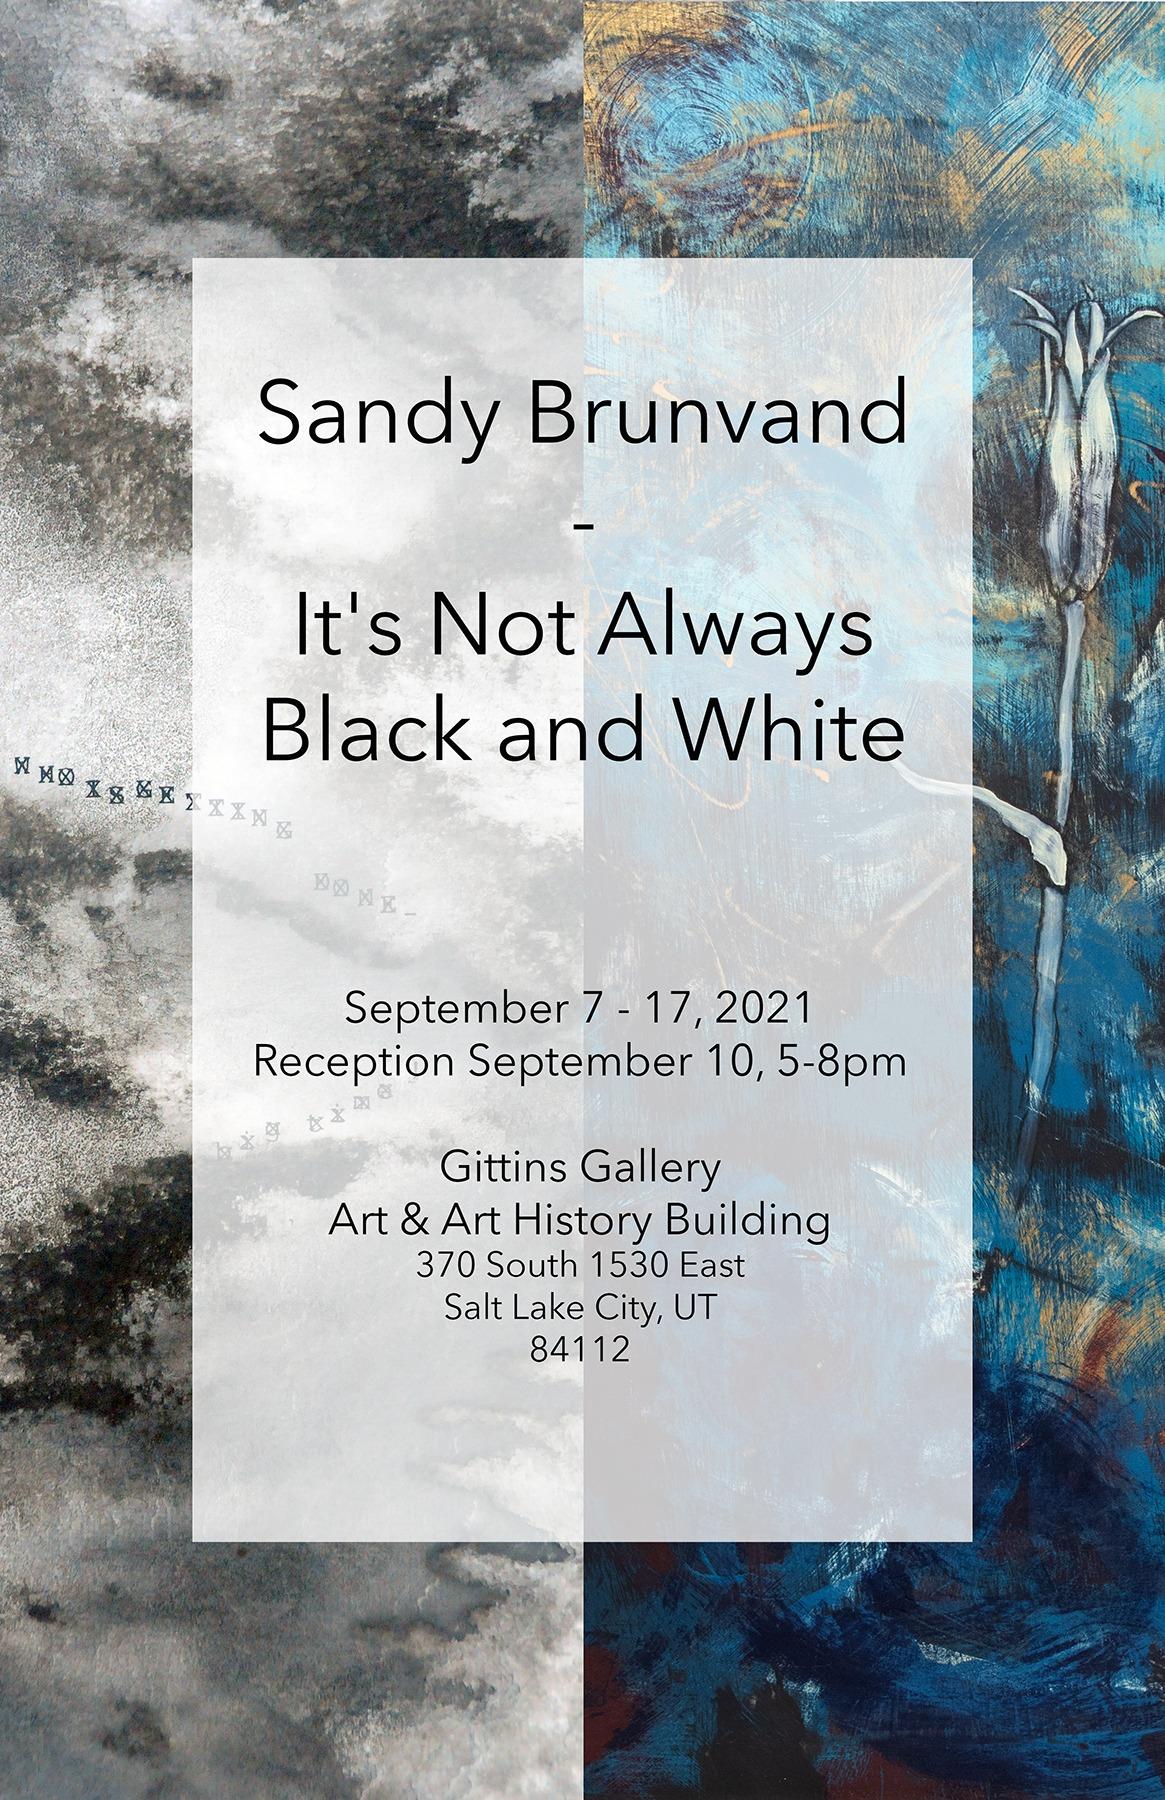 Sandy Brunvand Exhibition Poster